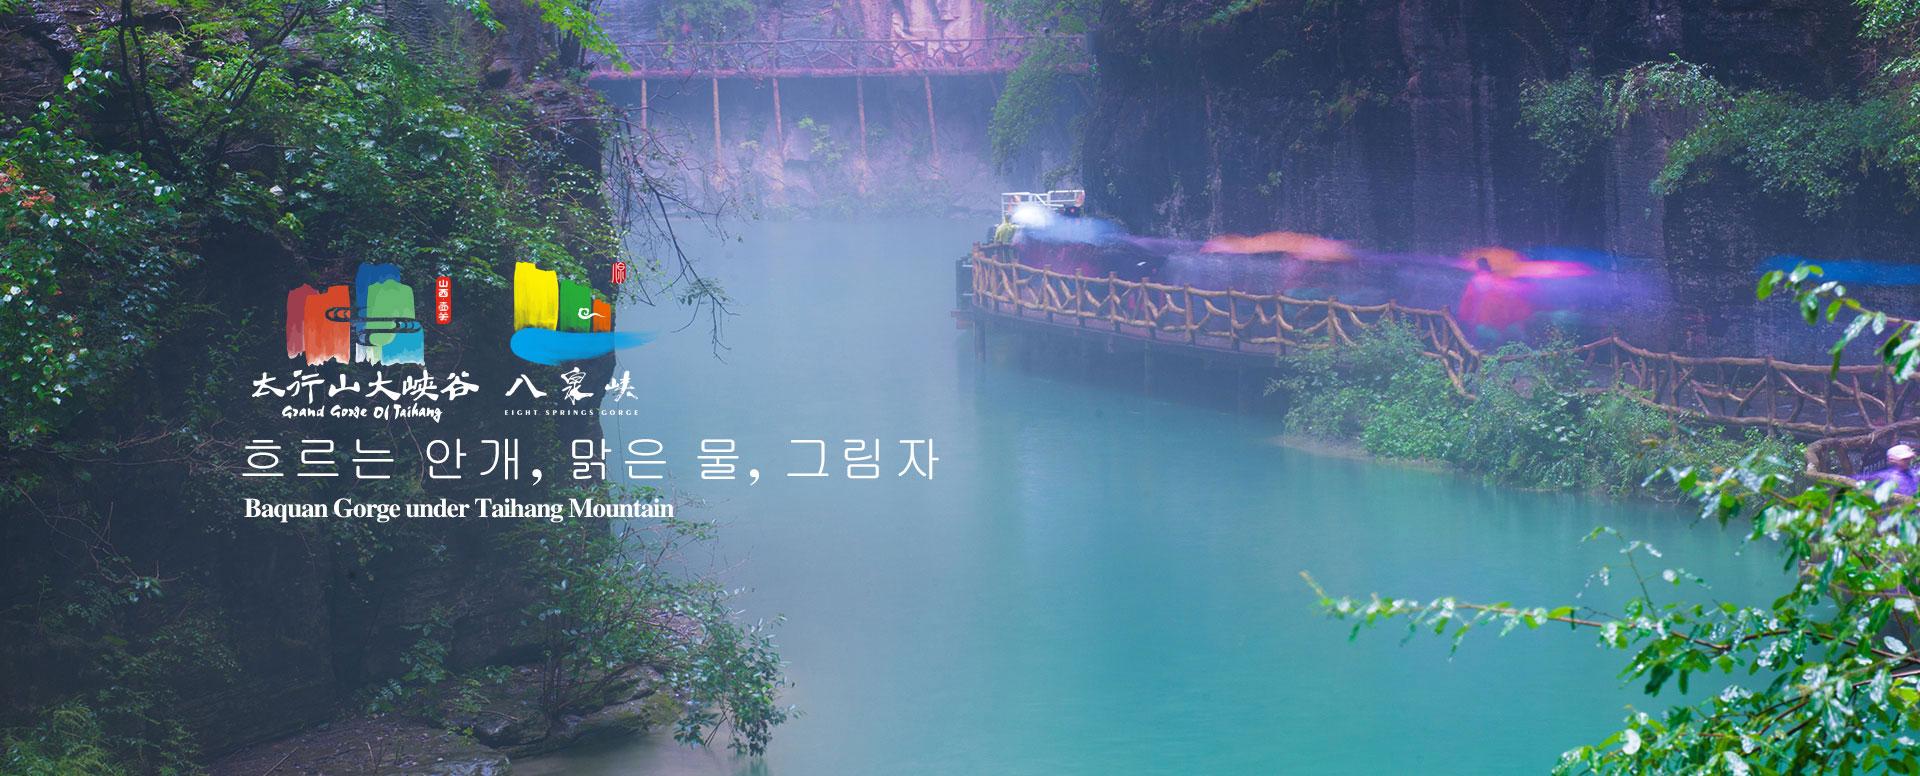 太行山大峡谷八泉峡景区韩文版本